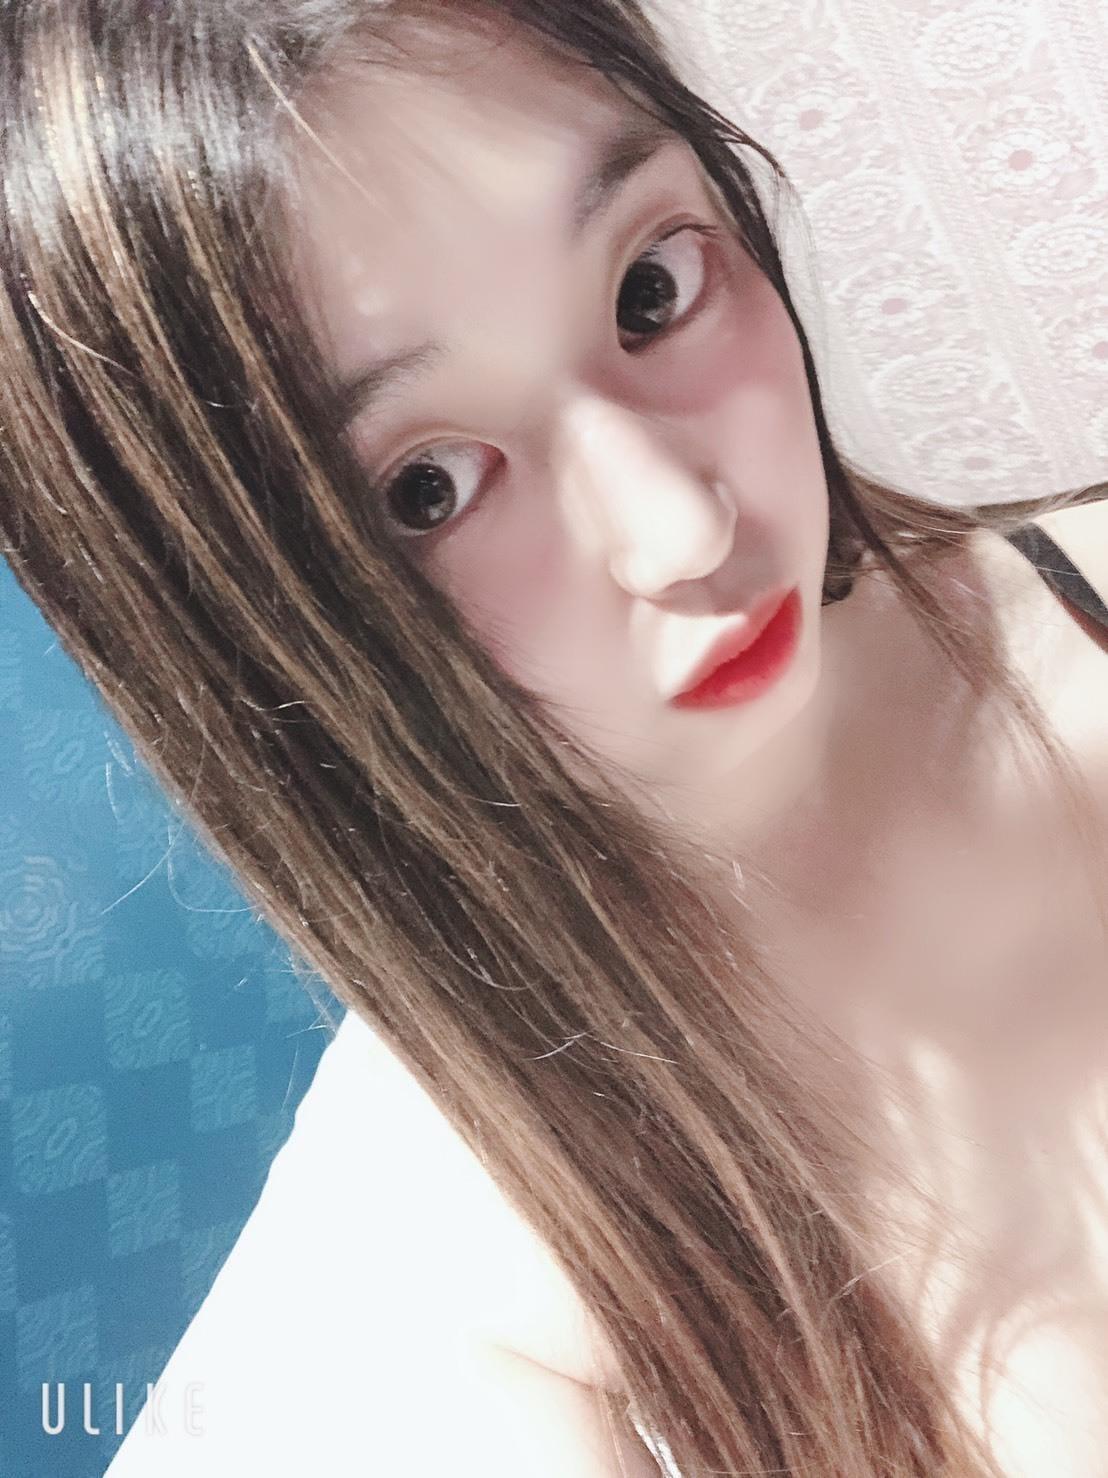 「おつかれっ」09/25(土) 06:13   あきらの写メ日記